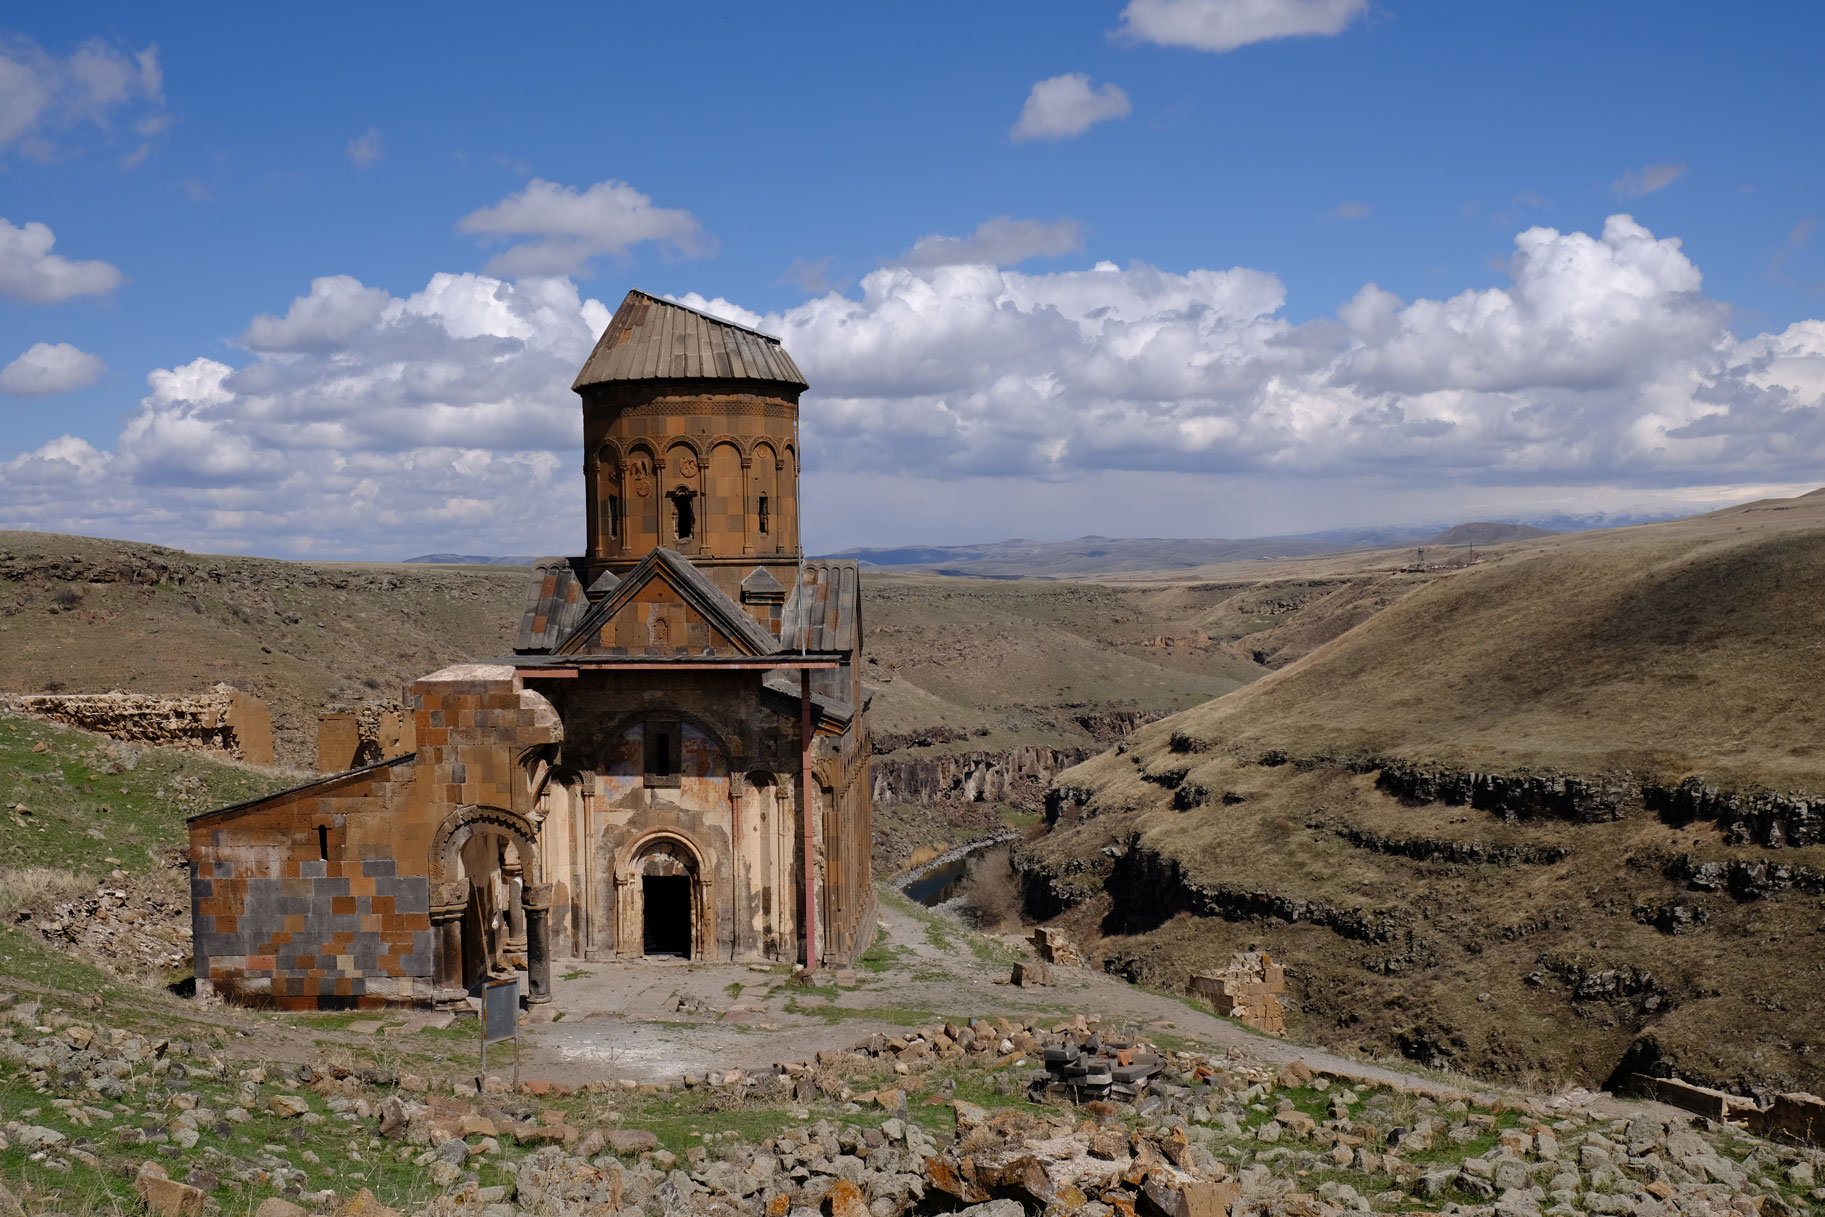 Die Kirche Sankt Gregor von Tigran Honents an einer Schlucht